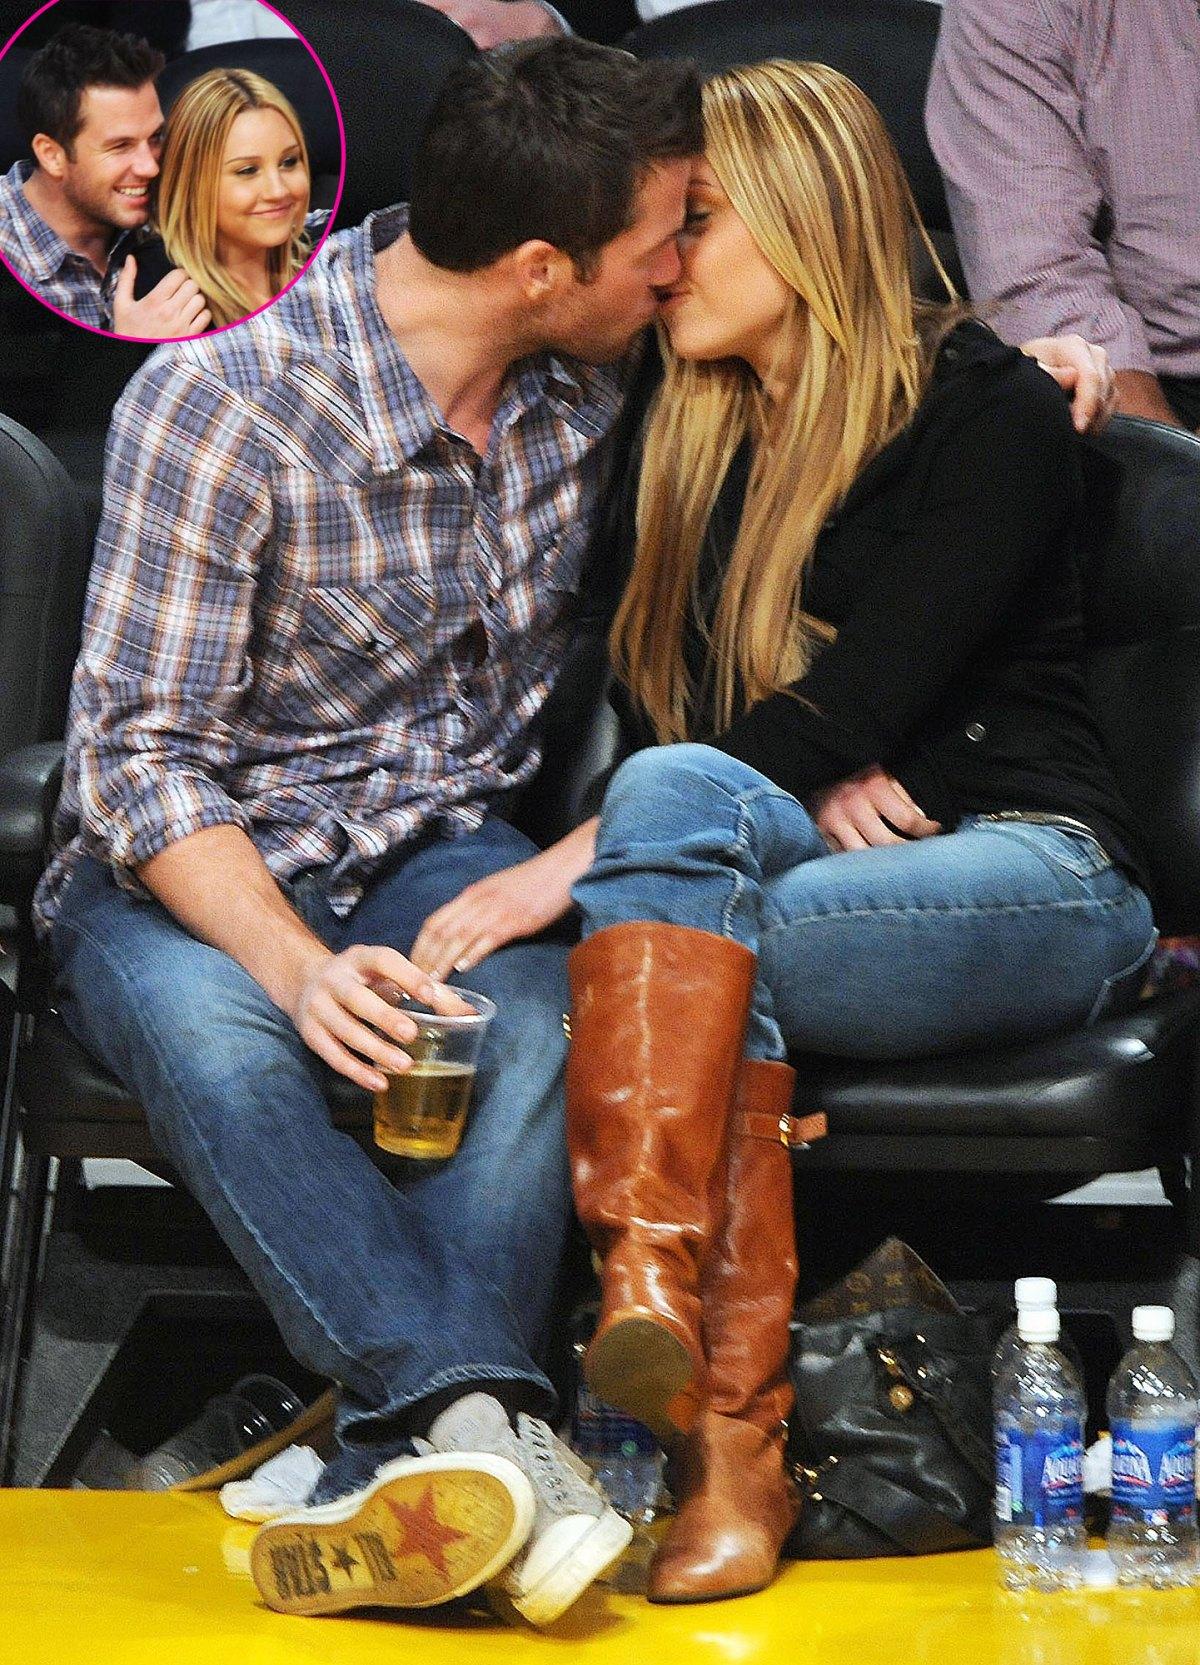 Amanda bynes is dating david merkur dating spreadsheet